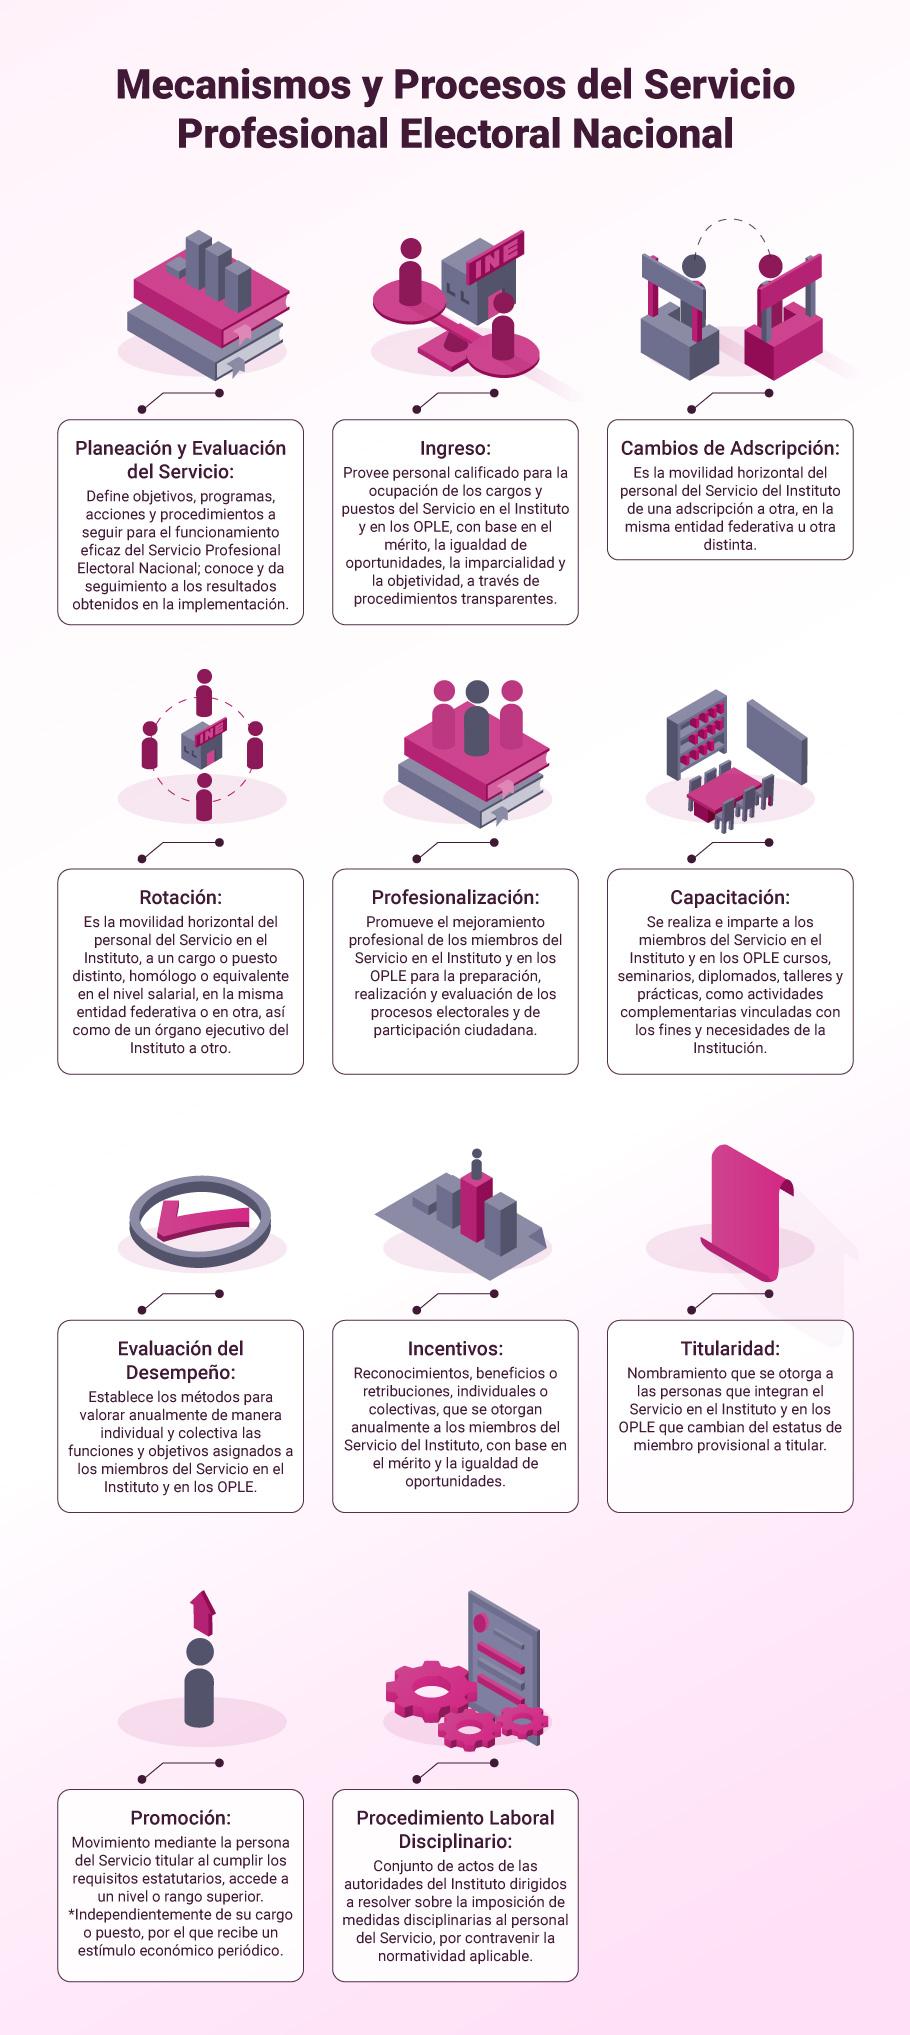 Mecanismos y Procesos del Servicio Profesional Electoral Nacional